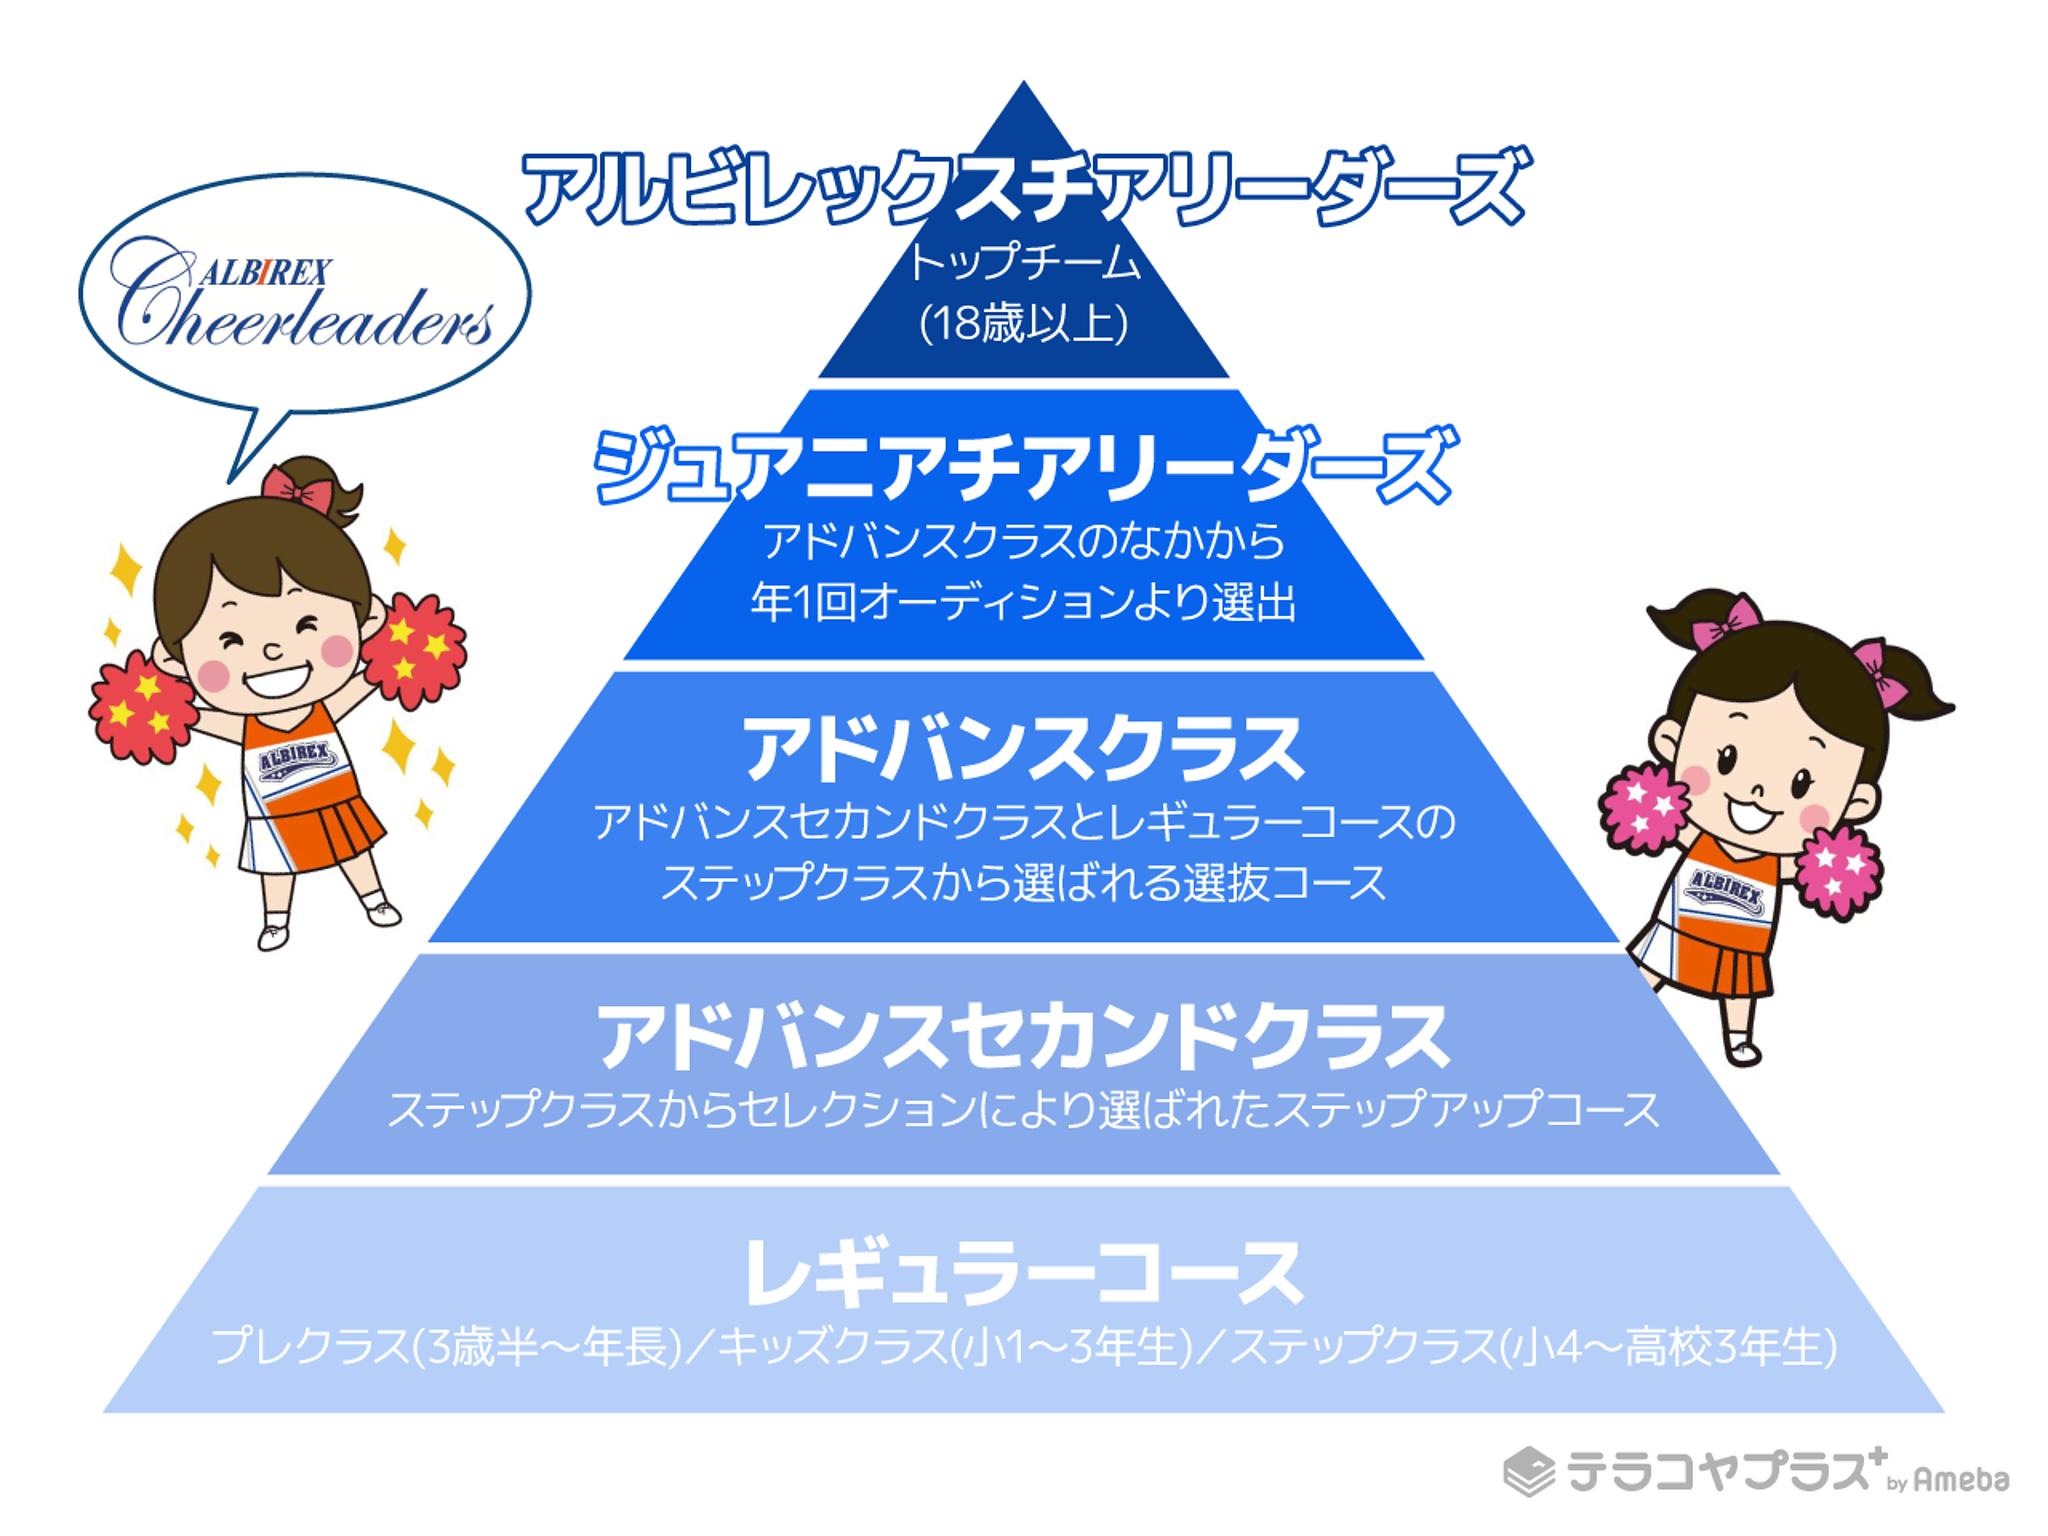 ピラミッド構造のコースのイラスト